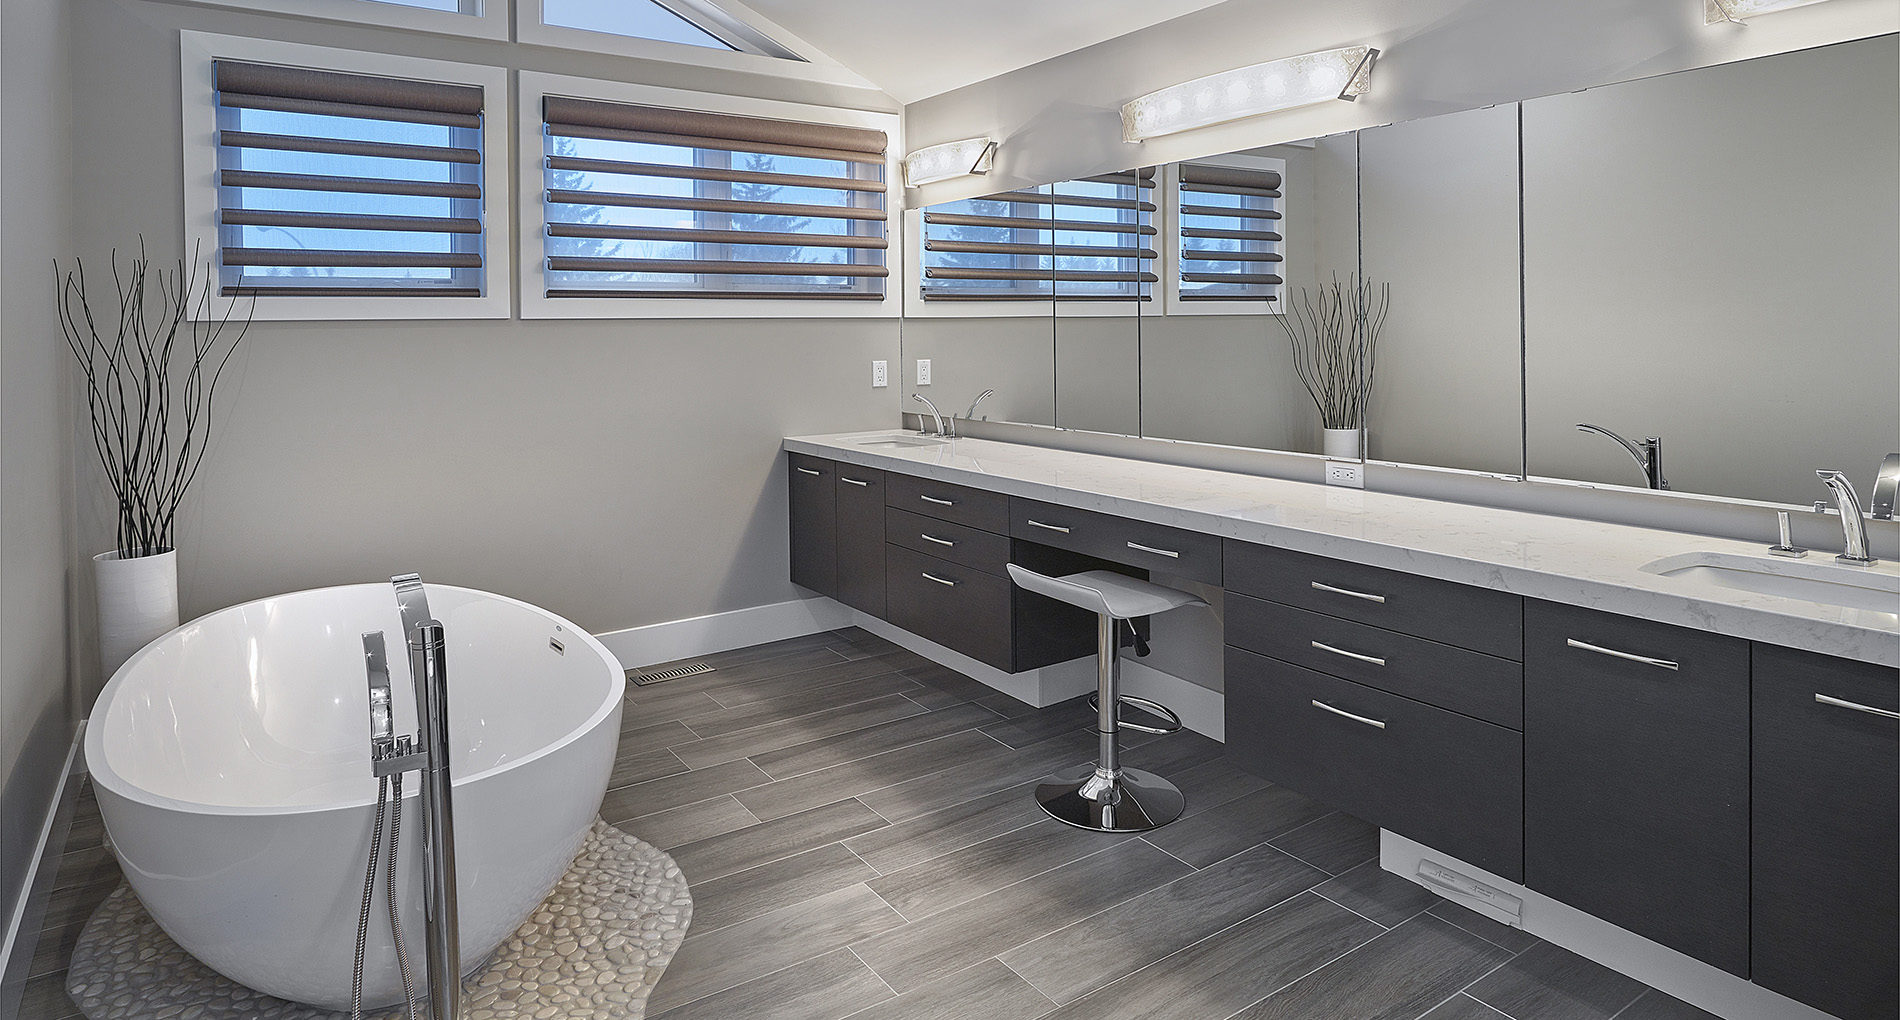 Bathroom Renovation Reddeer Weatherbee Slider